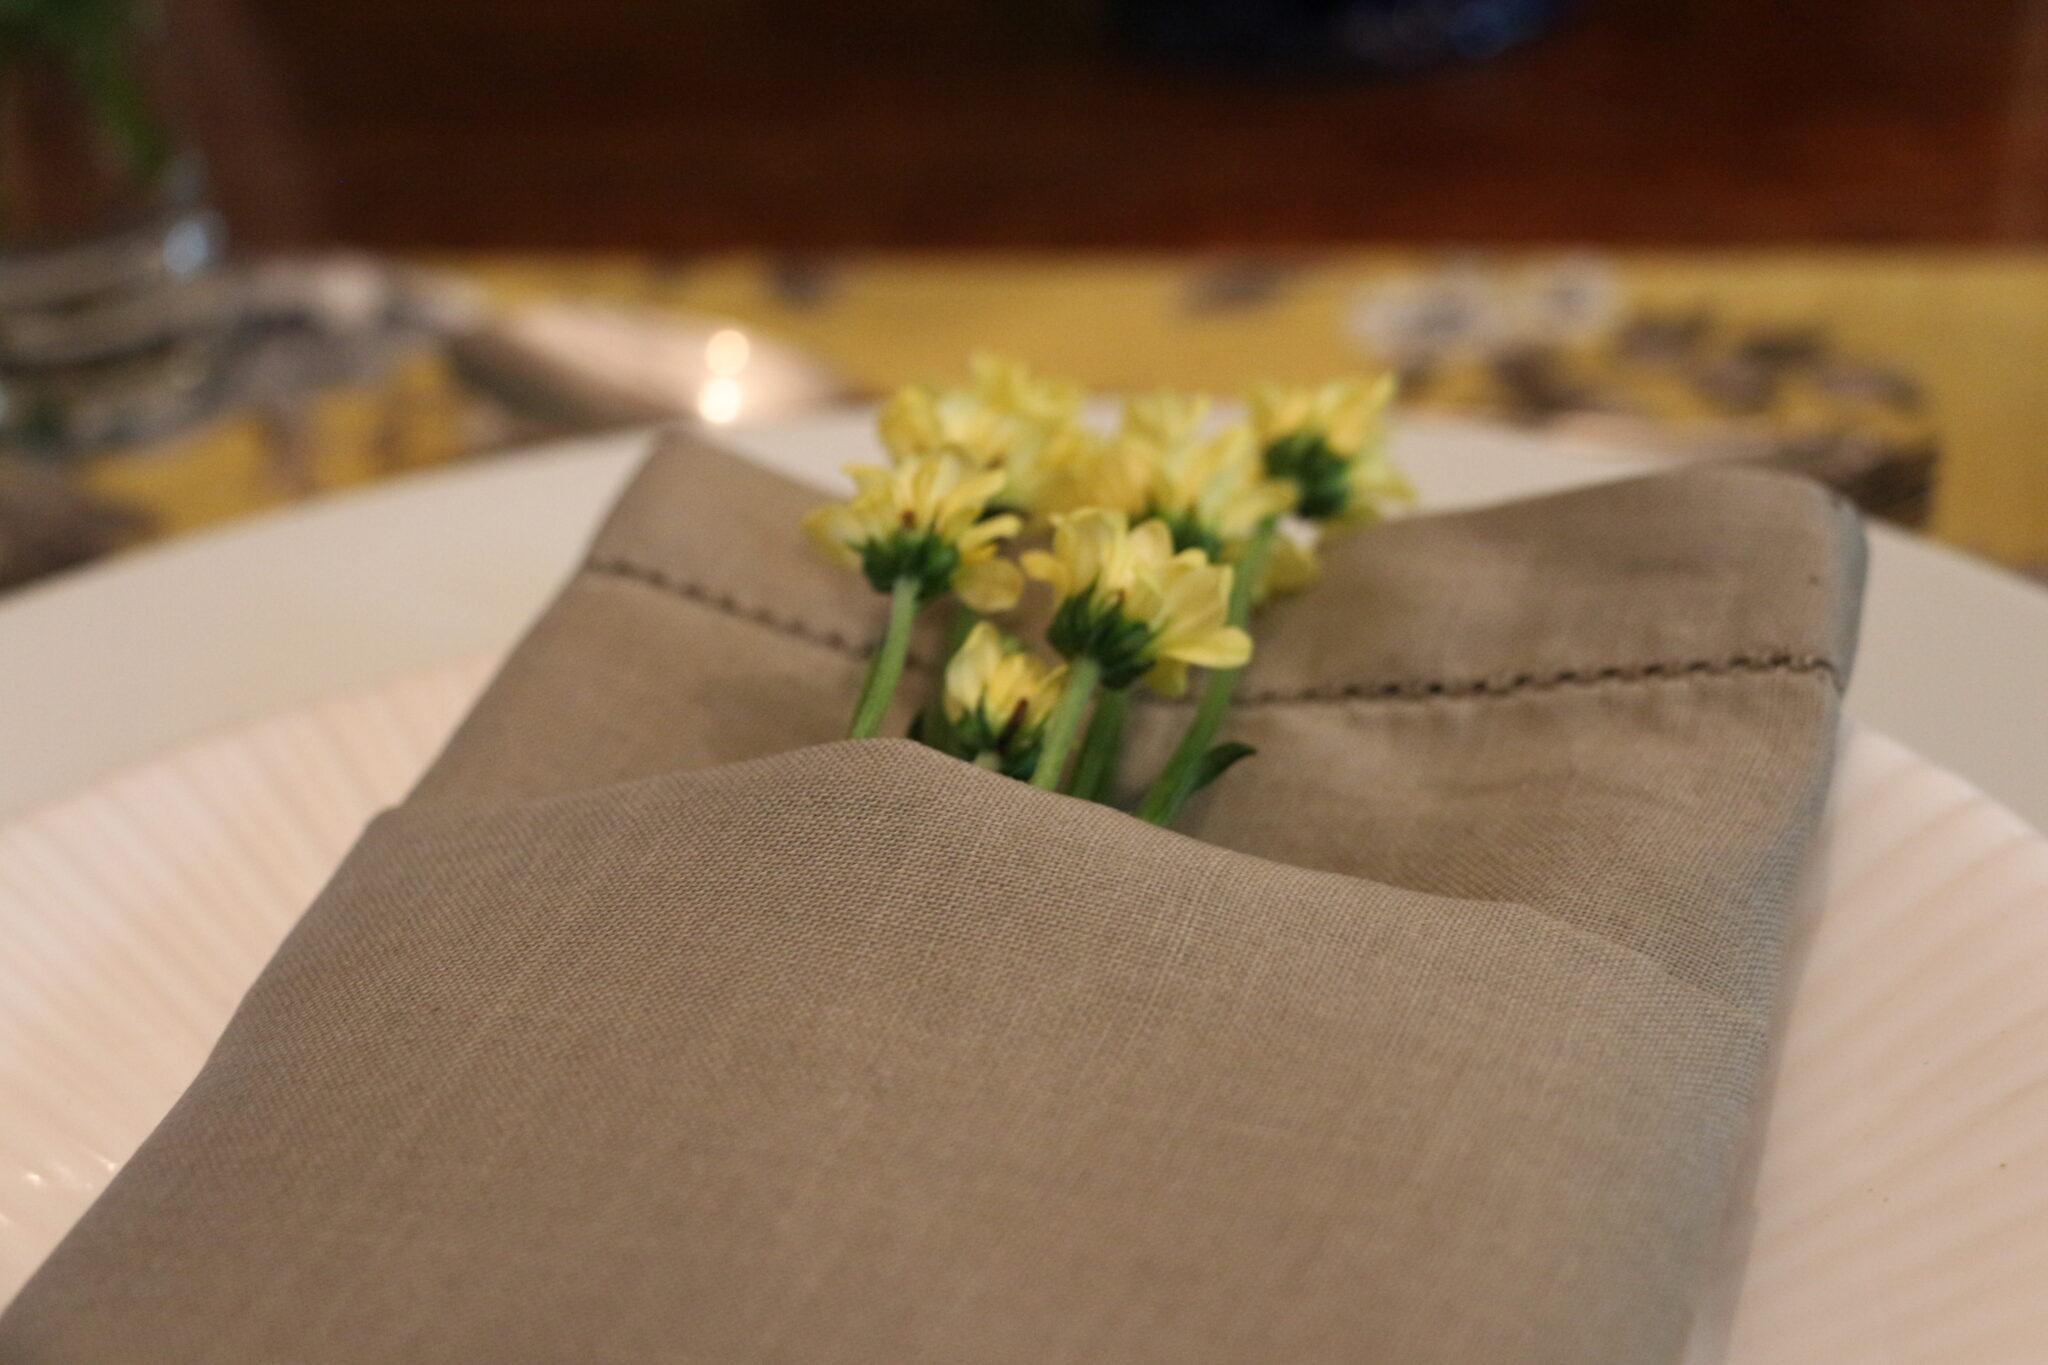 mesa_posta_almoço_verão (4)